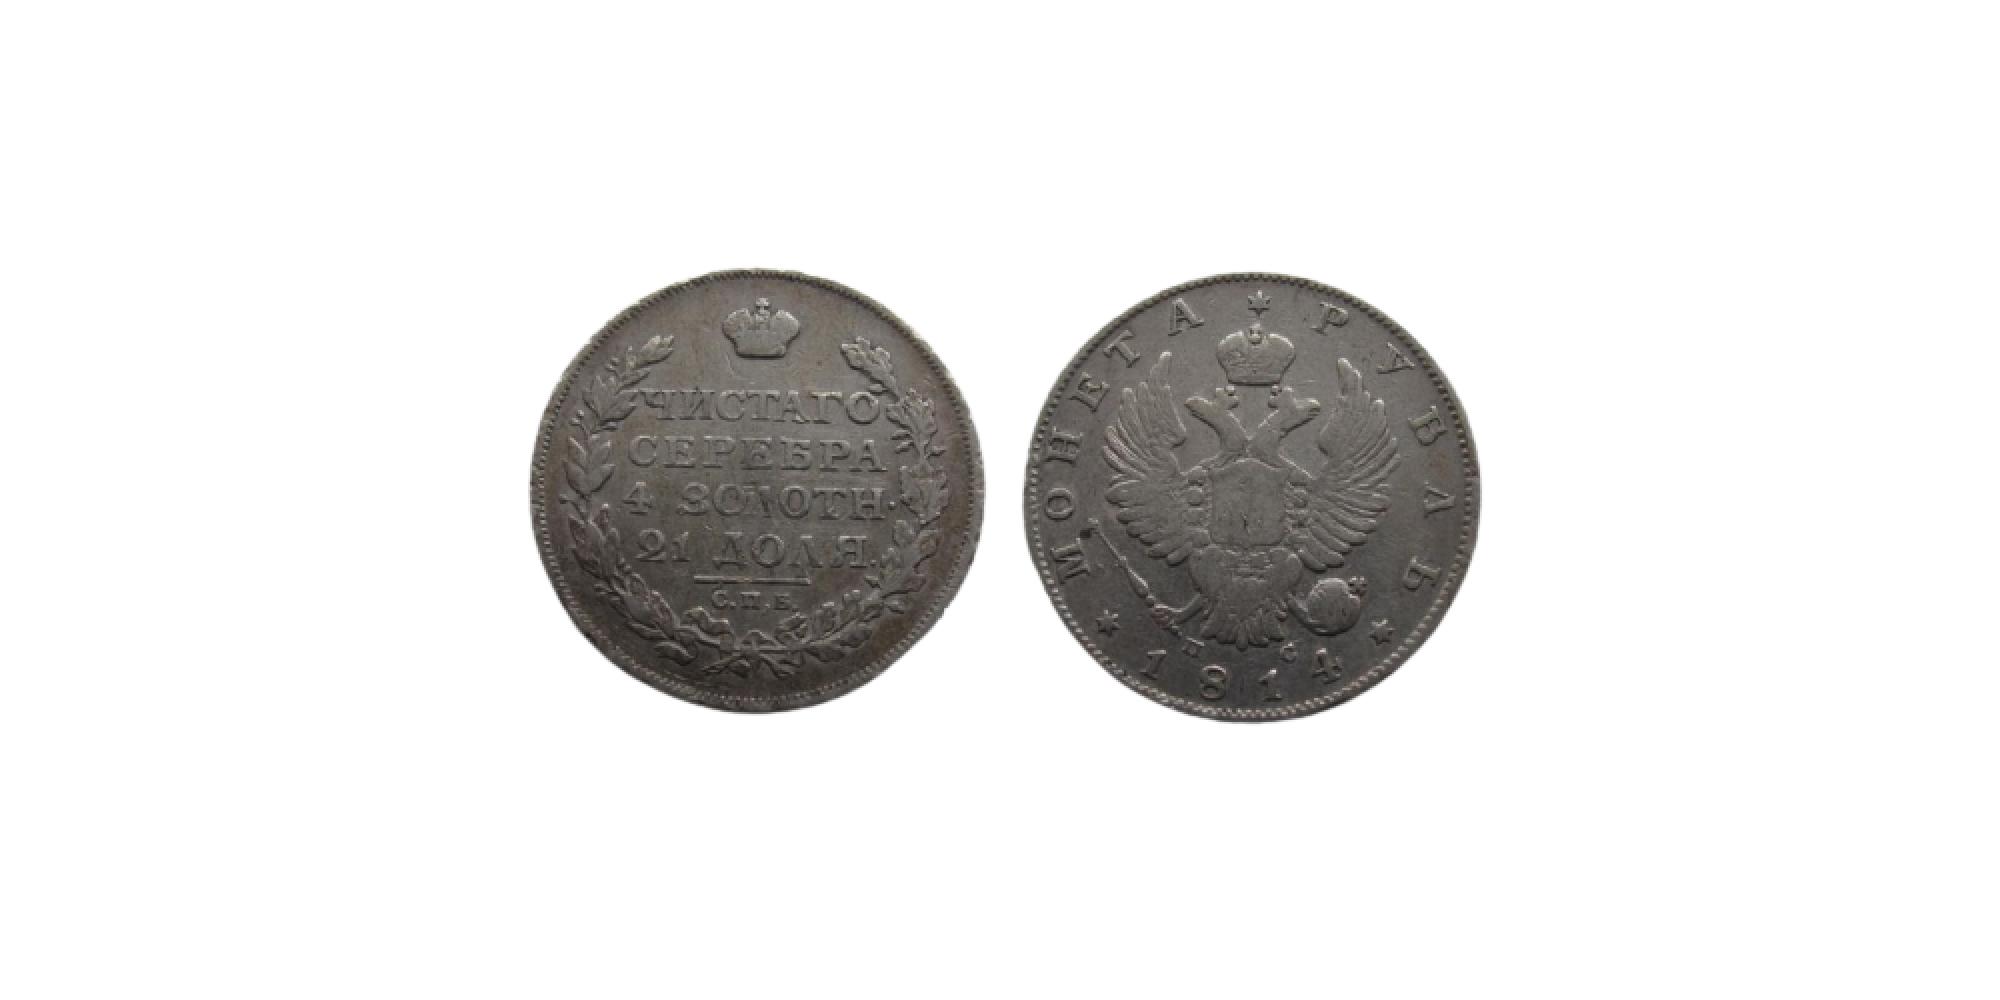 Россия 1 рубль 1814 год СПБ ПС серебро состояние, оригинал